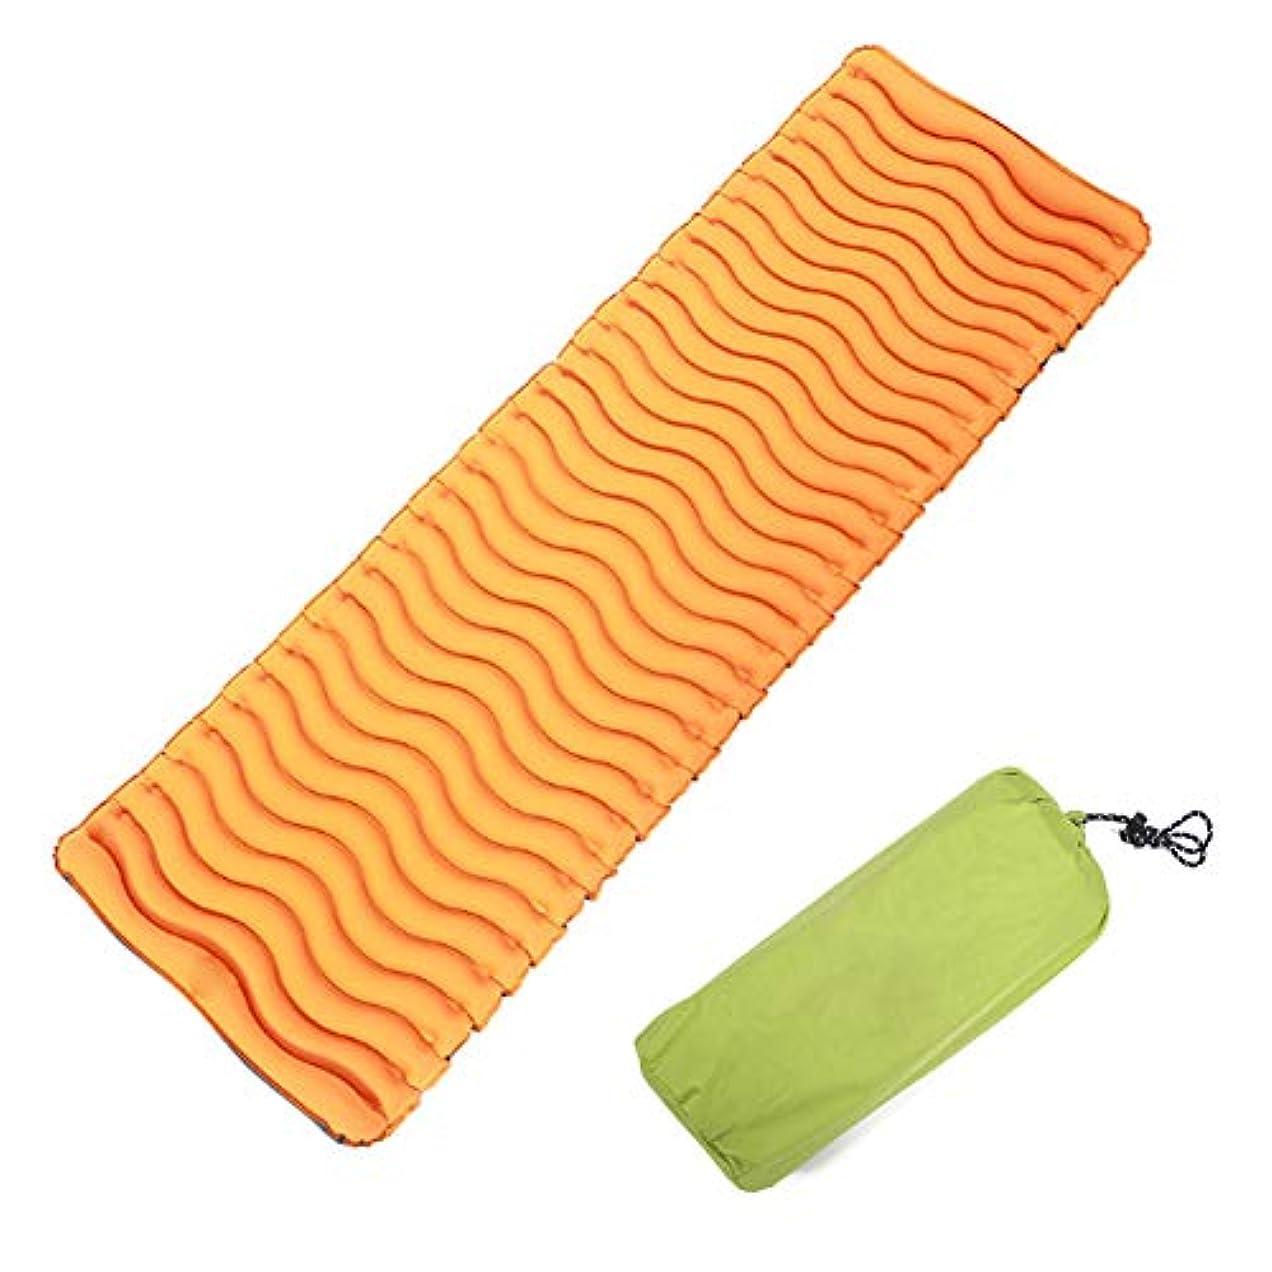 死ぬ醜い安らぎ超軽量インフレータブルキャンプマット、ポータブル防湿マットレス、スリーピングパッドを厚く、屋外テントに適していますバックパッキングトレッキング